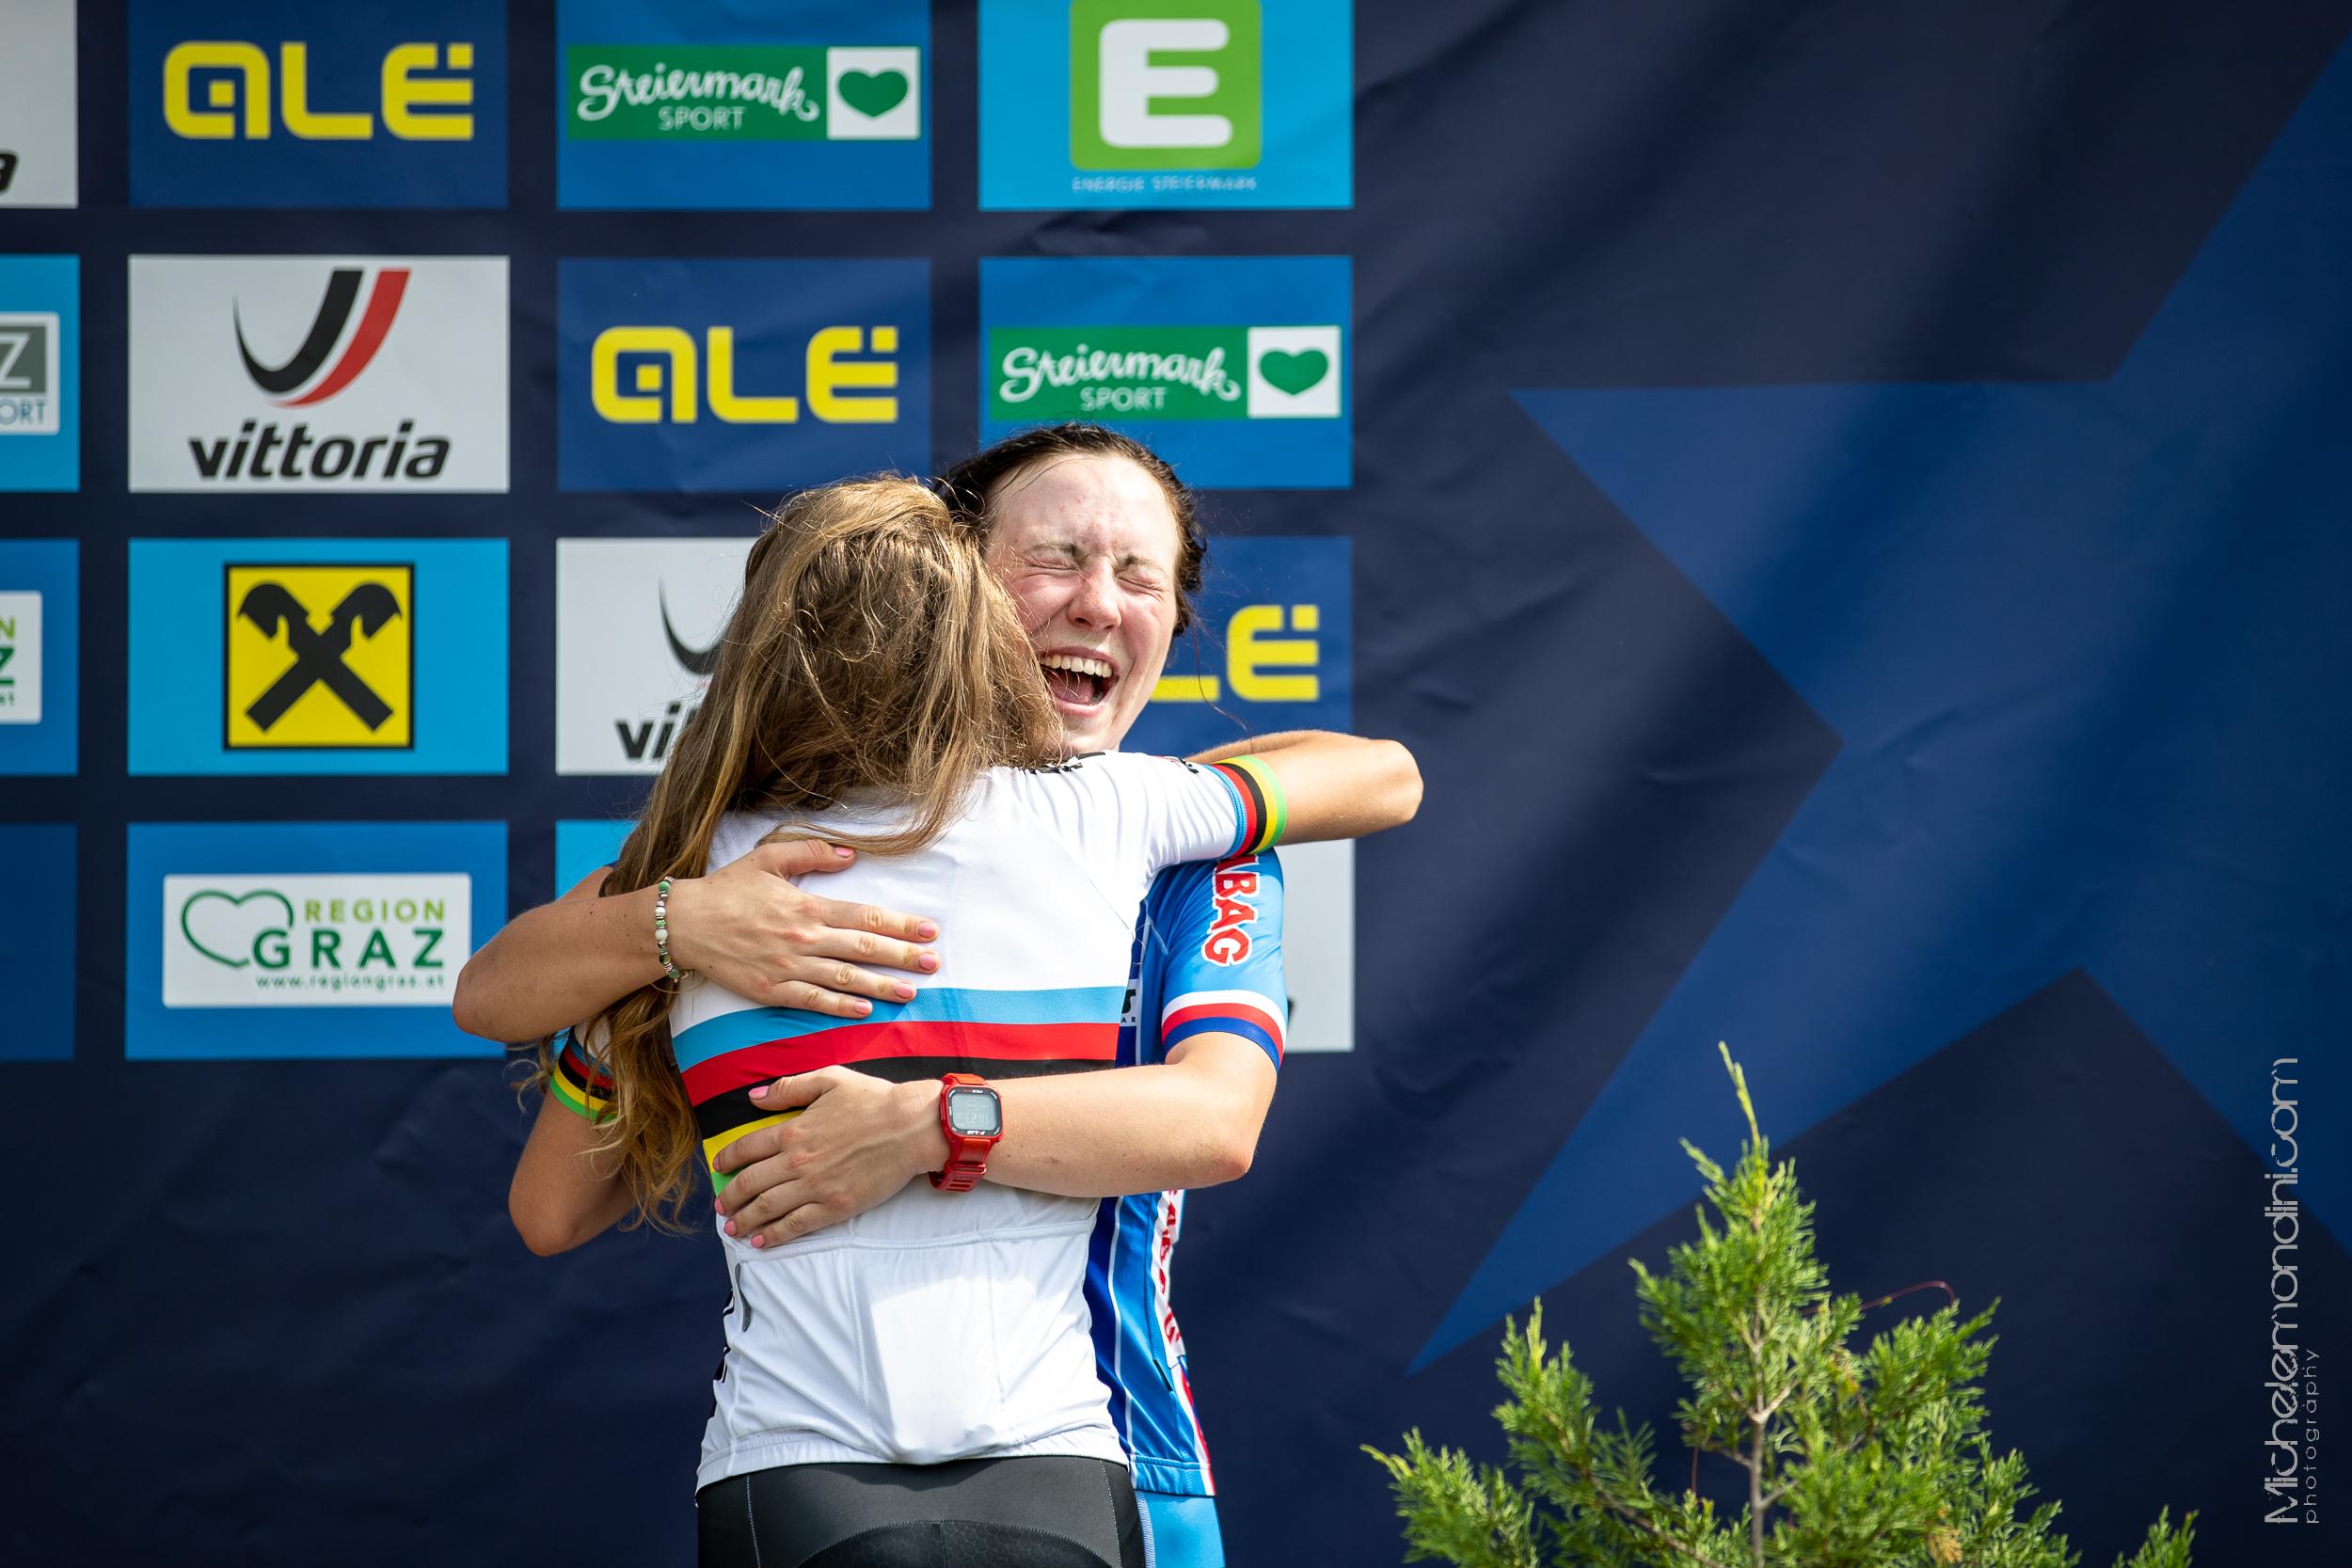 Laura Stigger and Tereza Saskova celebrating the podium in Stattegg - Ph: Michele Mondini